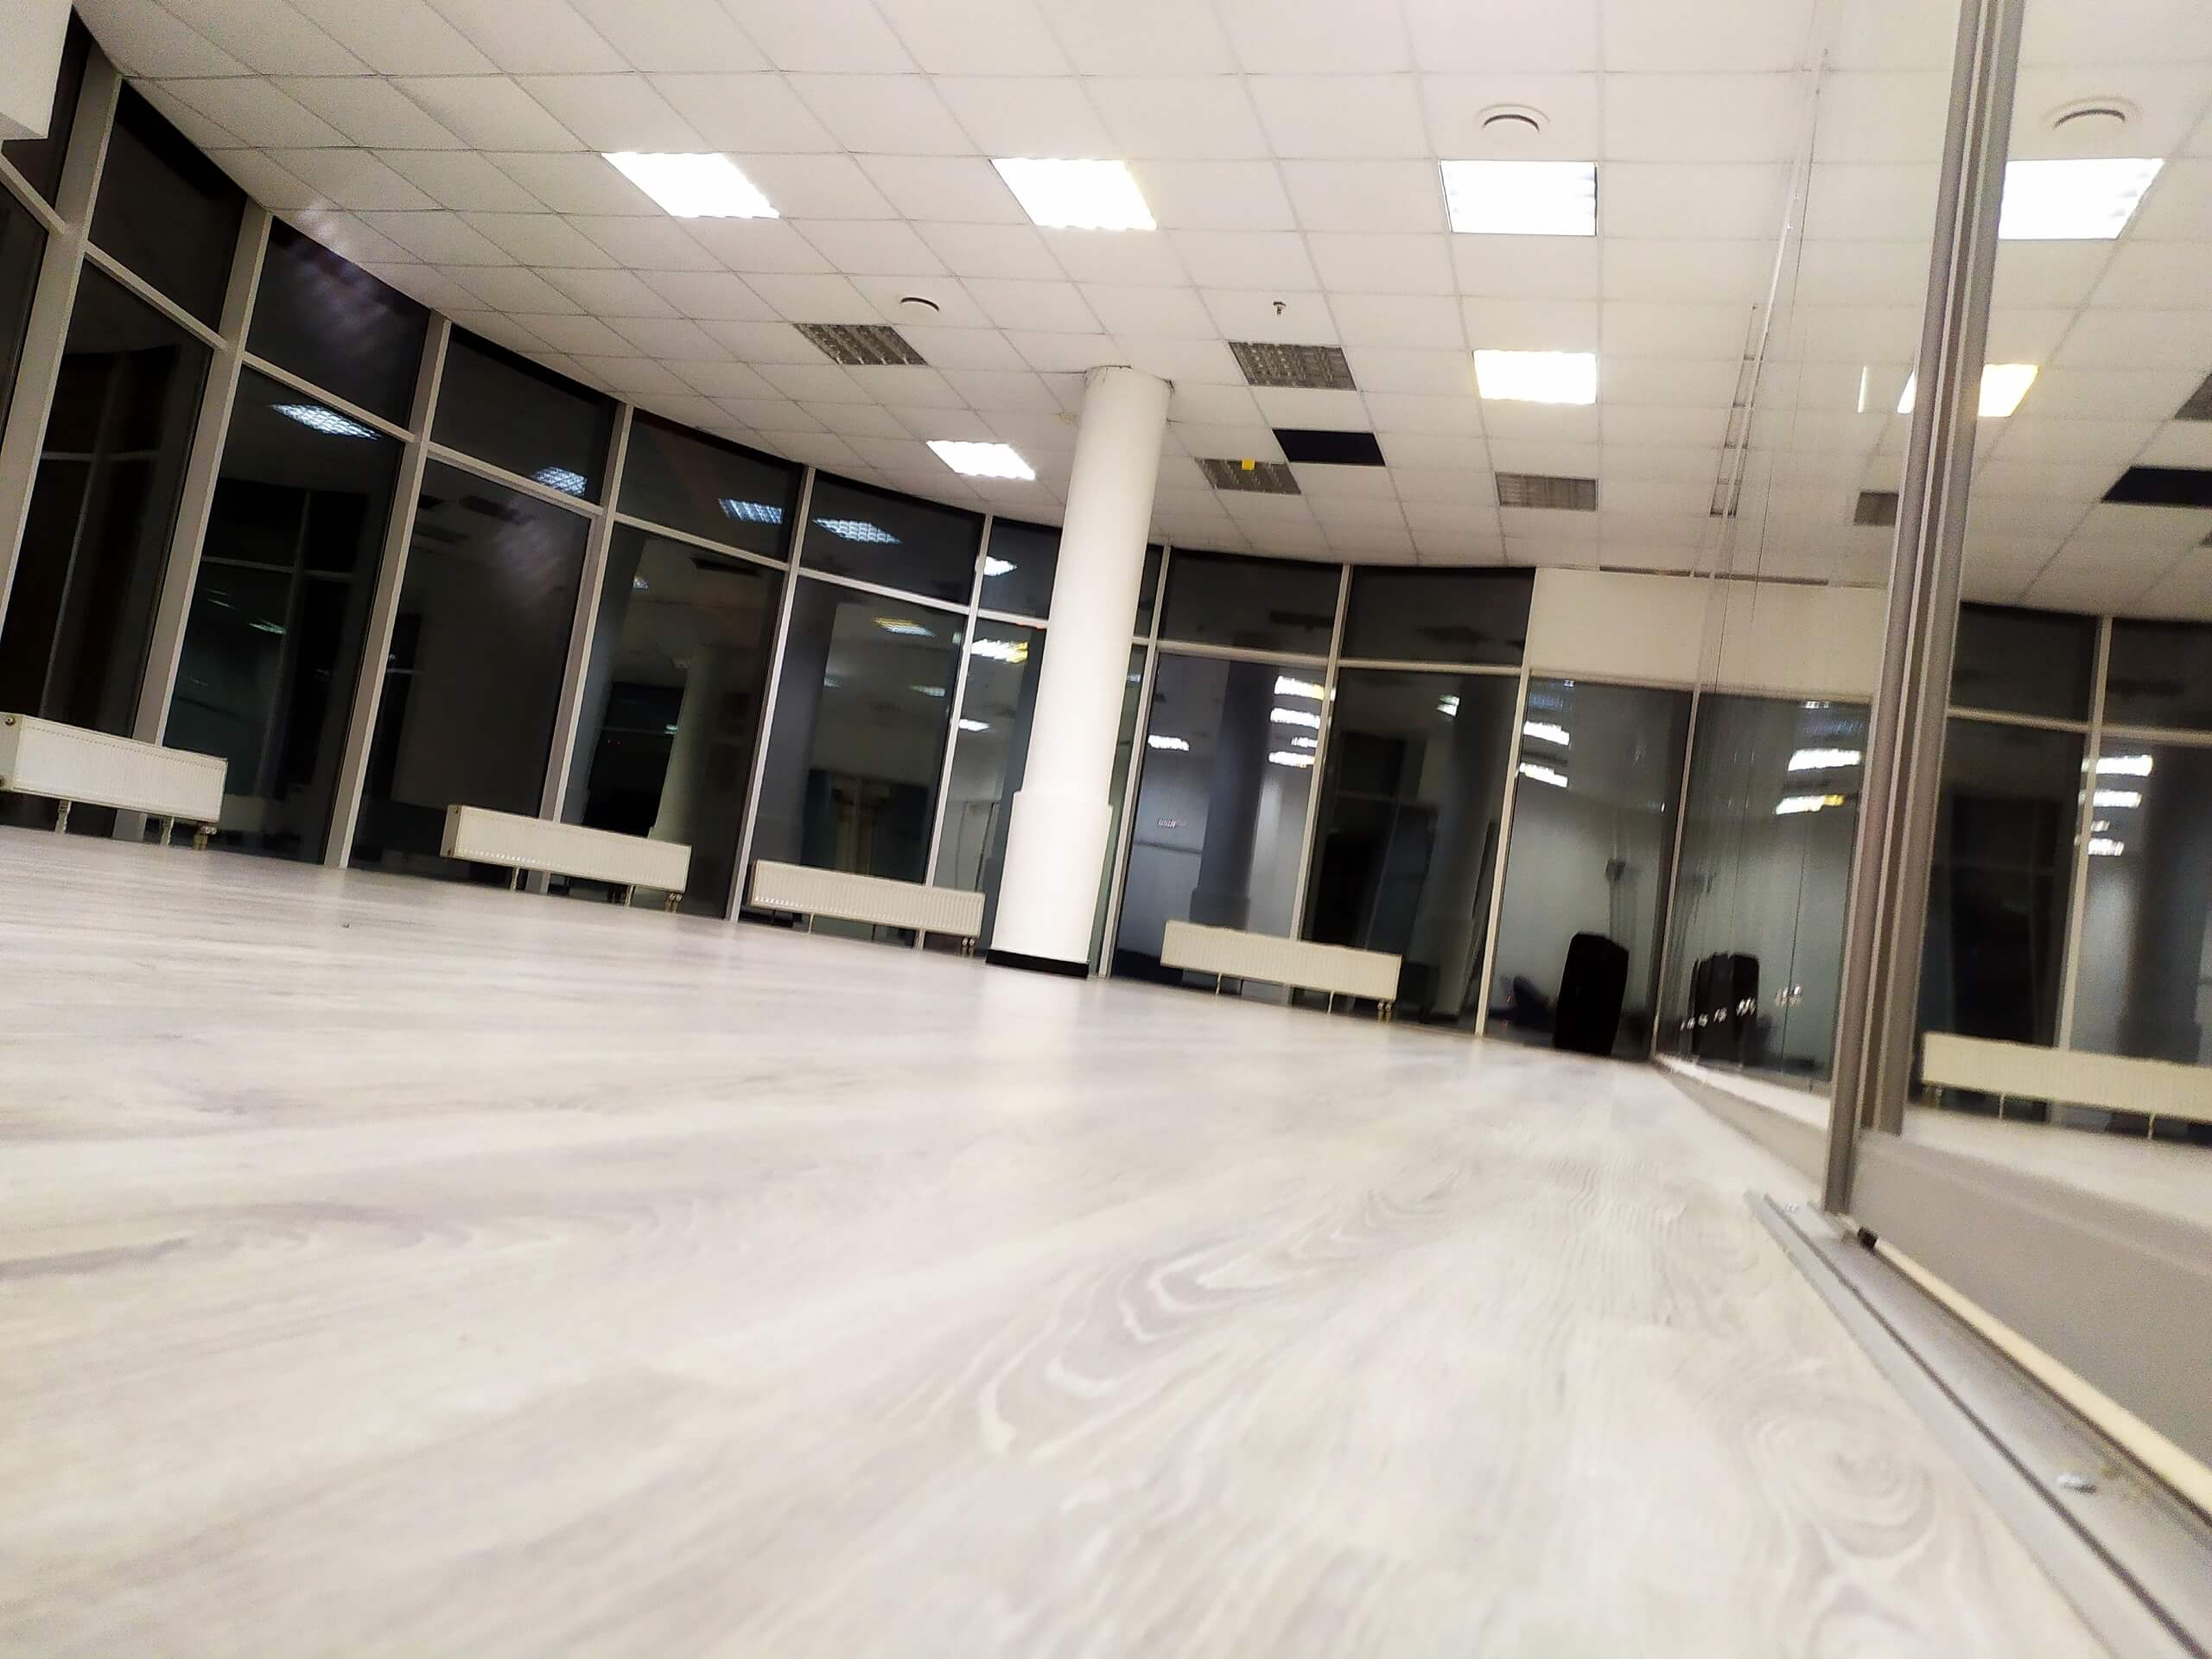 Light hall